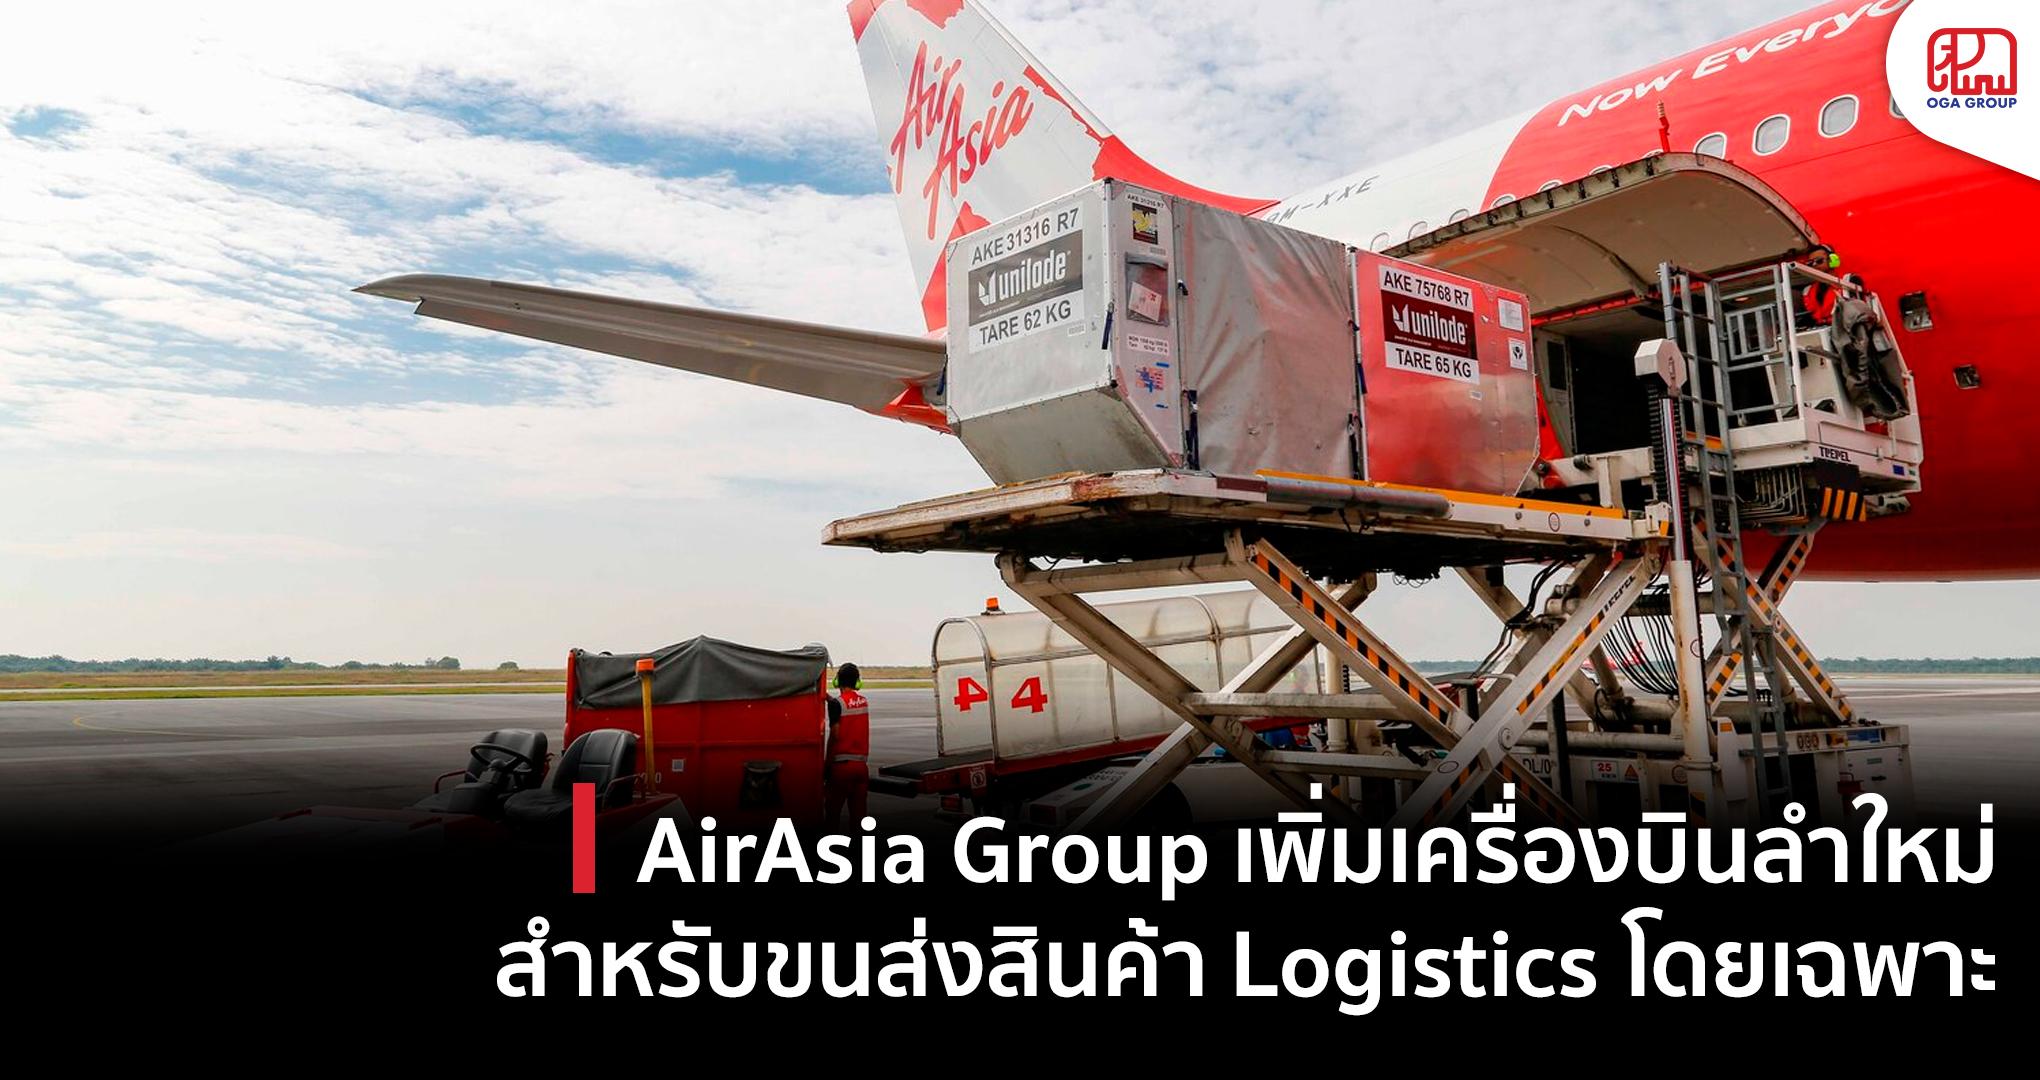 AirAsia เพิ่มเครื่องบินสำหรับขนส่งสินค้า Logistics โดยเฉพาะ ไตรมาส 3 2021